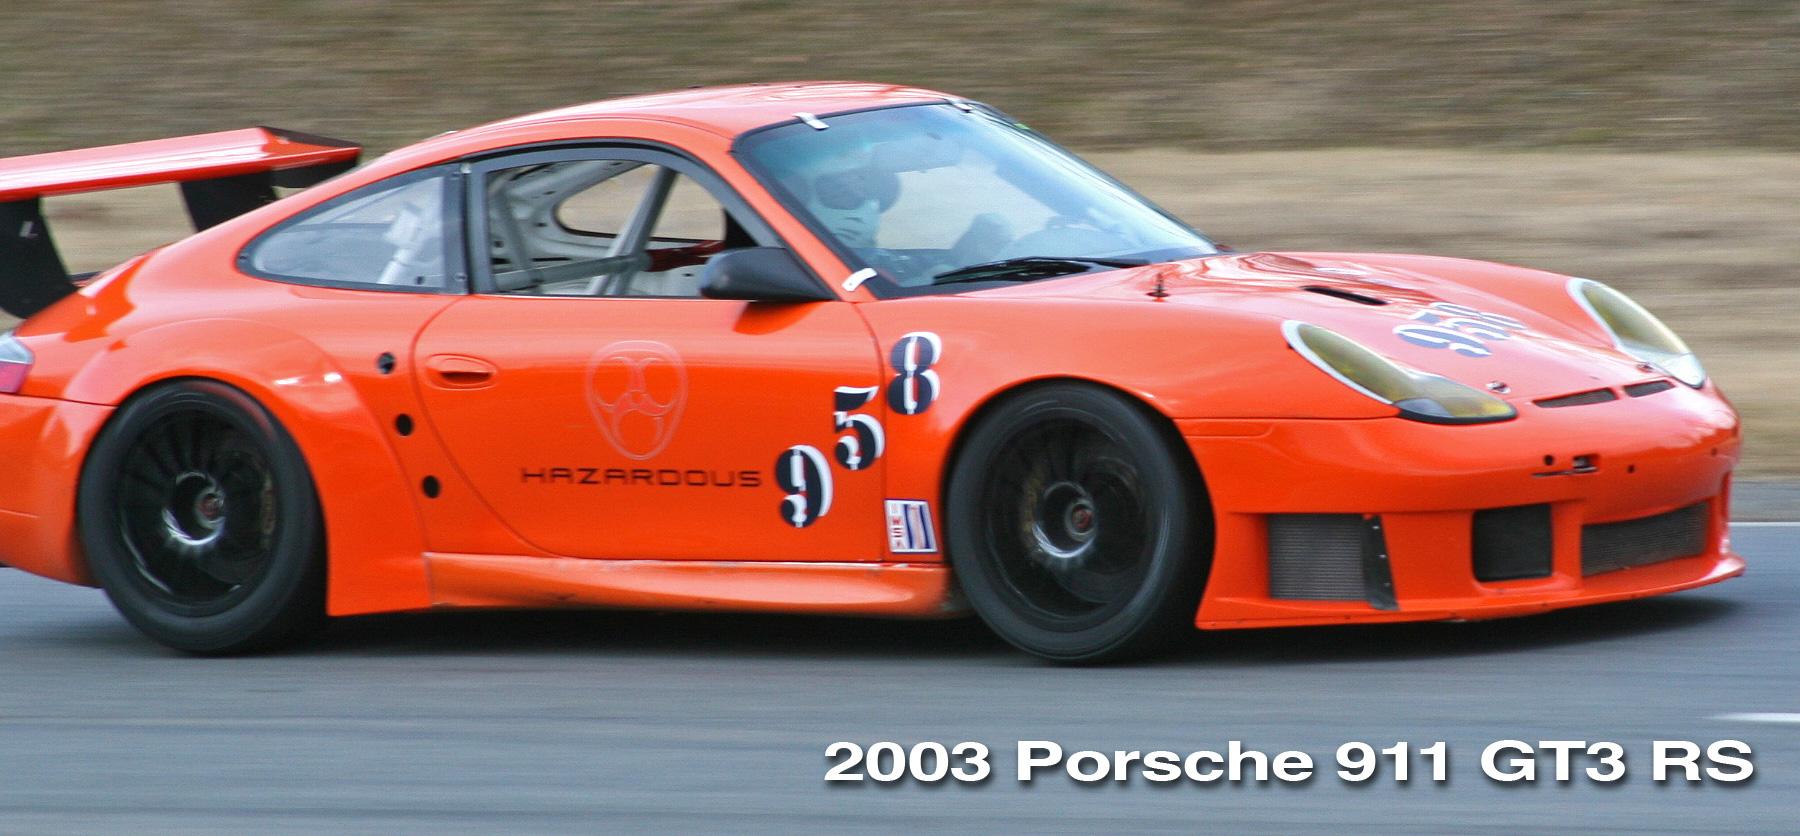 2003 Porsche 911 GT3RS race car header image